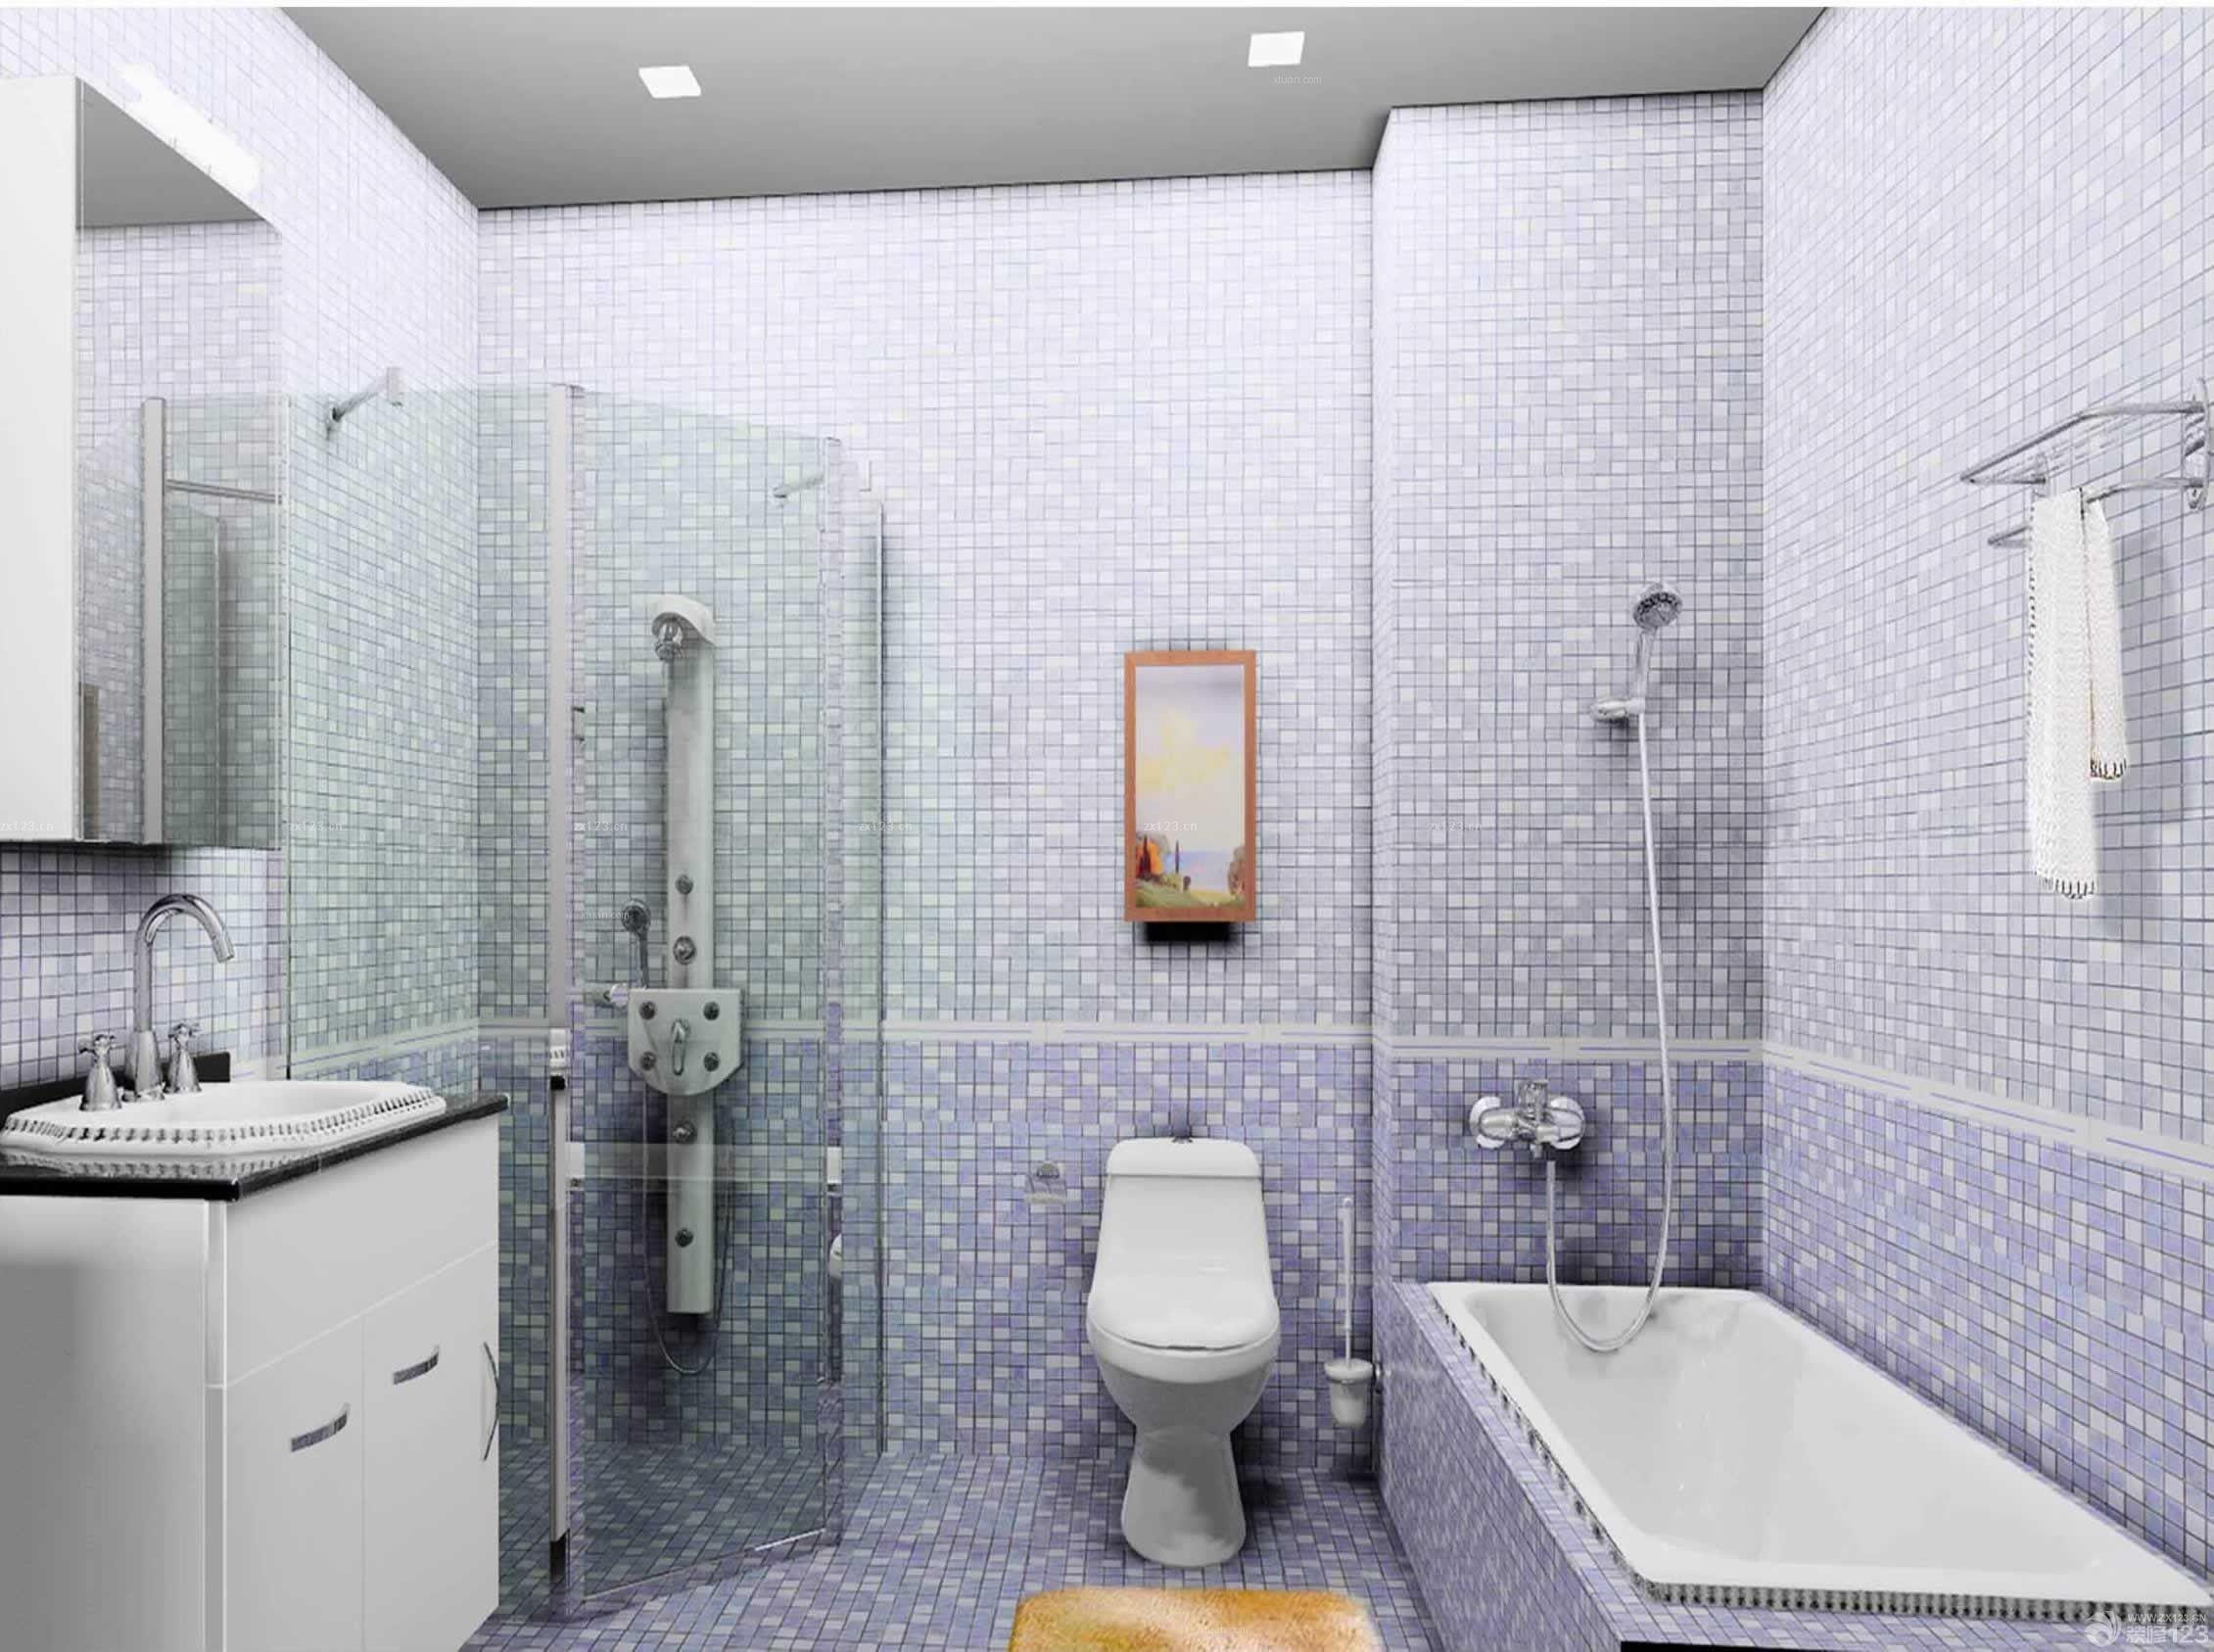 现代温馨卫生间浴室装修马赛克图片